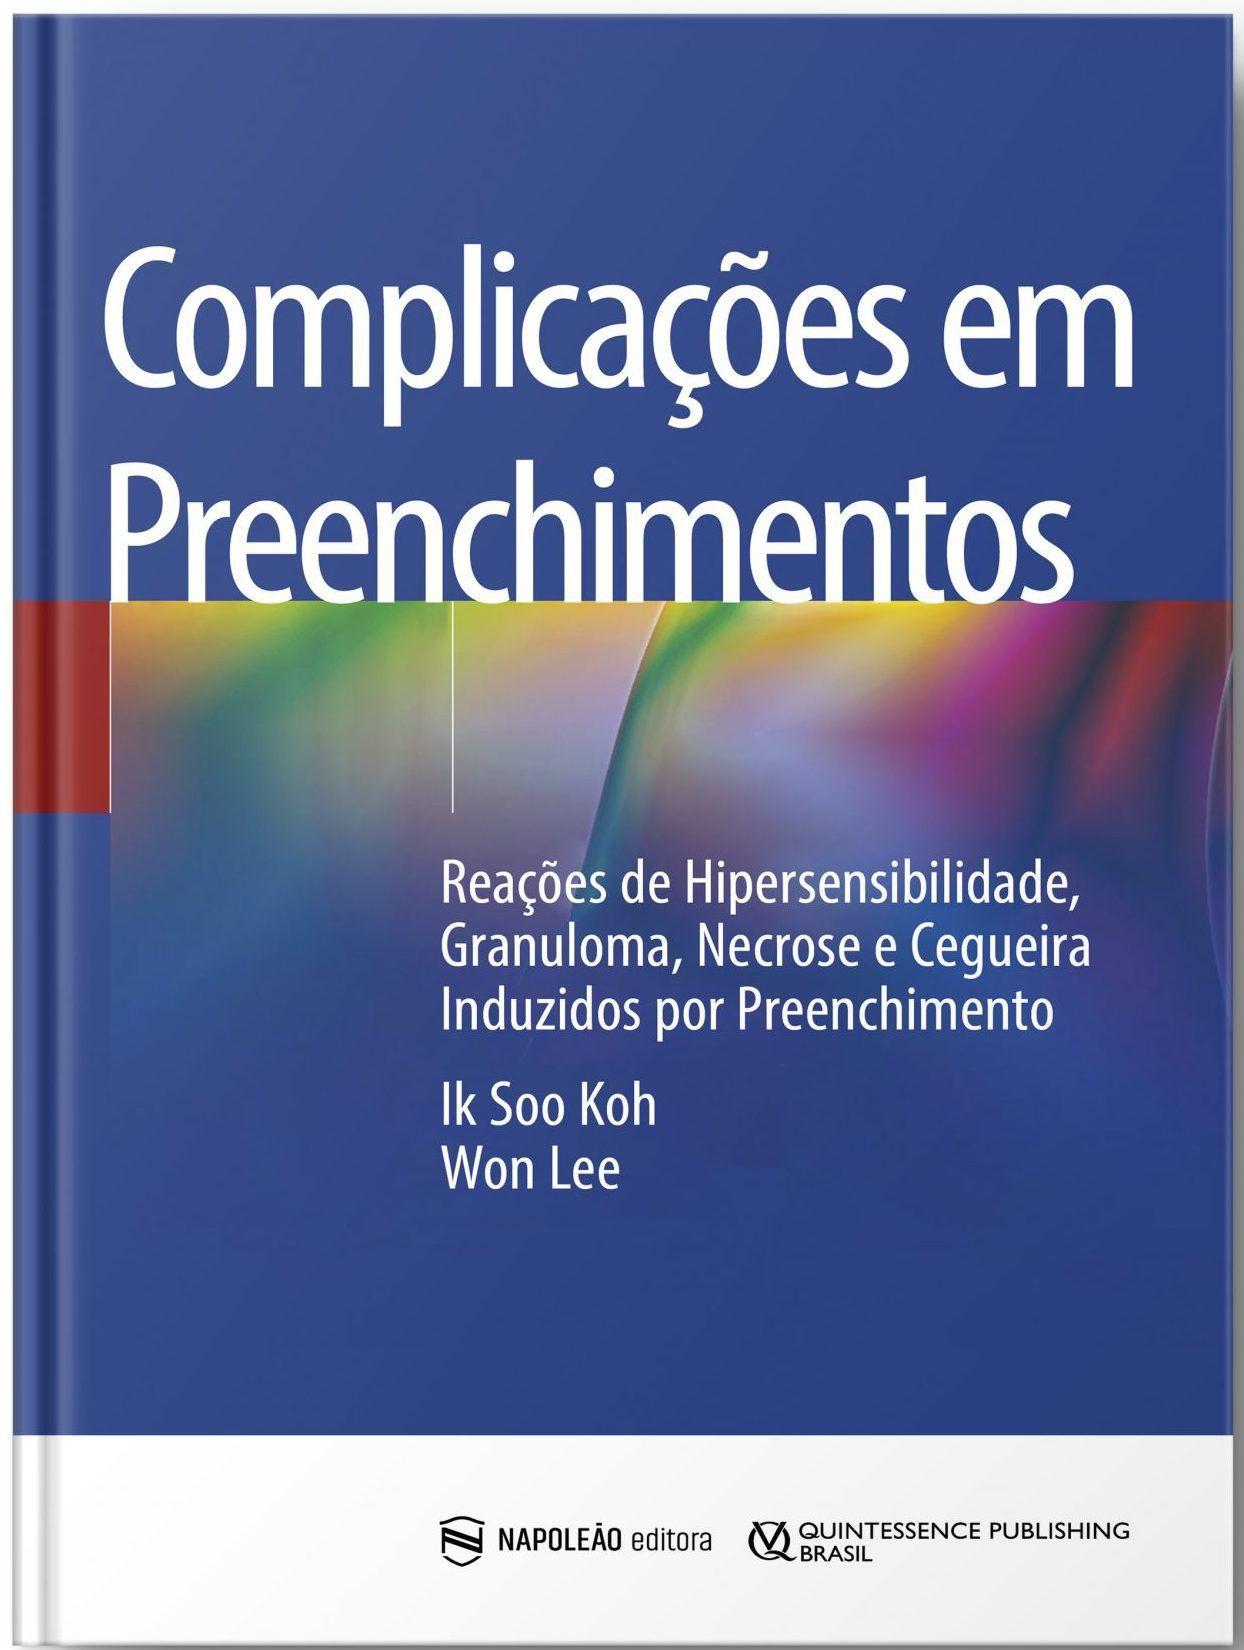 Livro Complicações em Preenchimentos, 1ª Edição